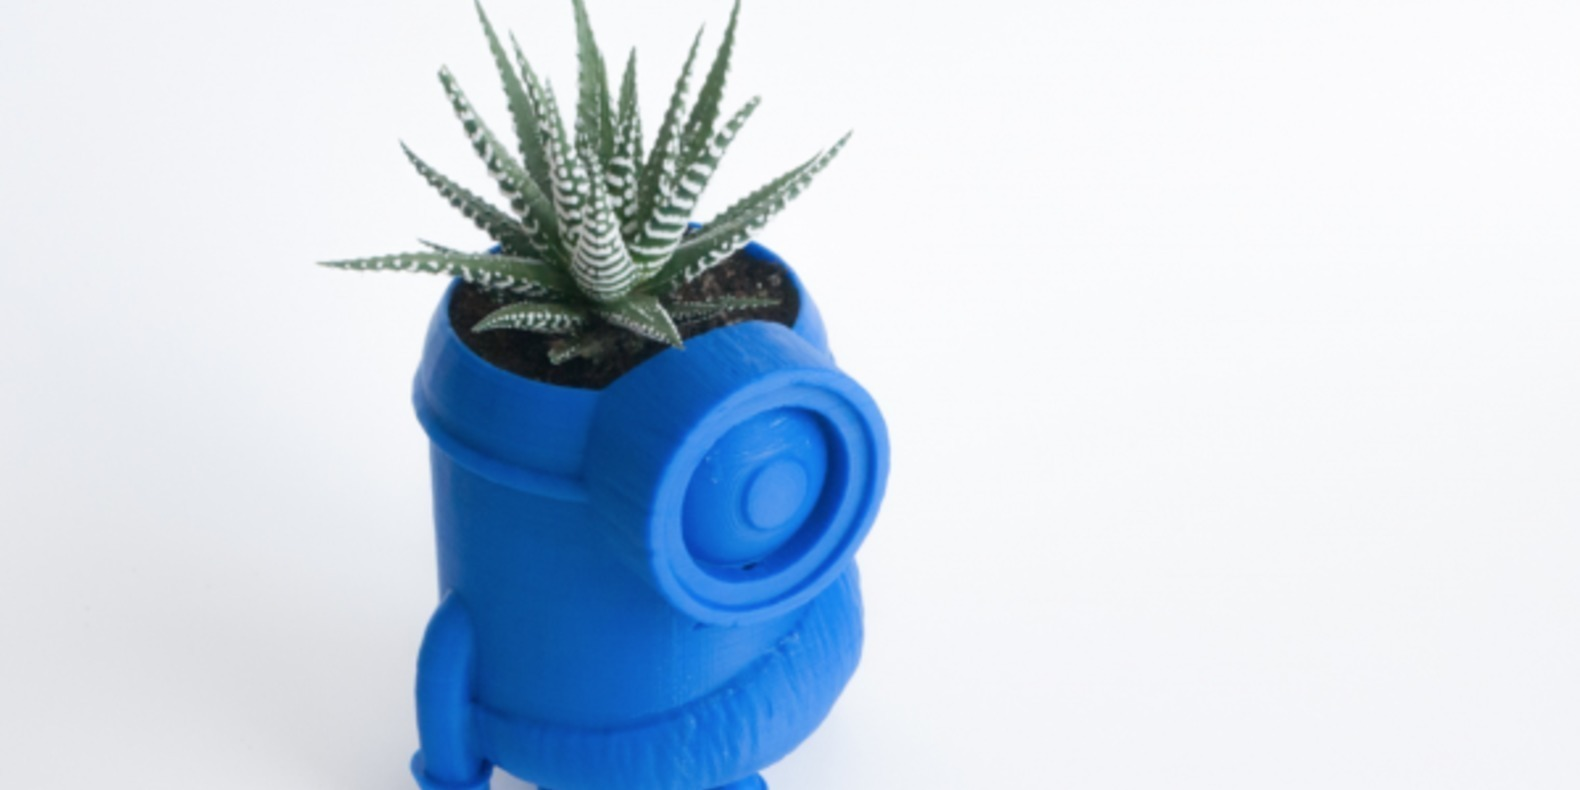 pot-imprimé-en-3D-pots-de-fleurs-cults-pacman-baby-groot-minion-3.png